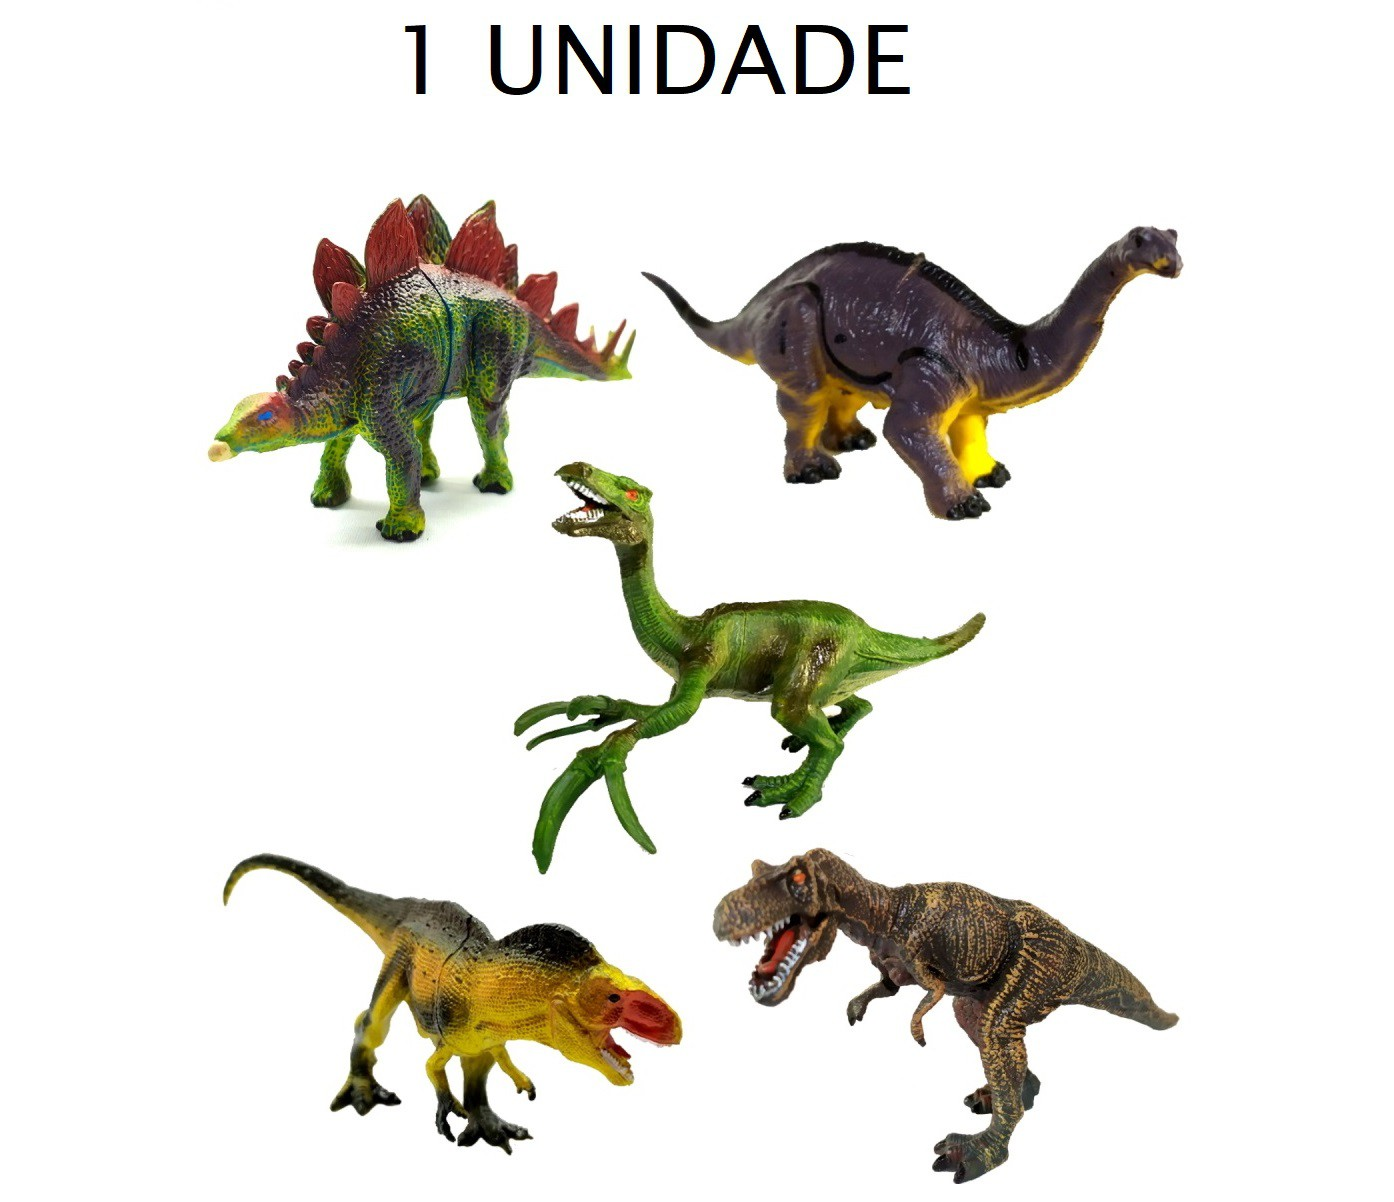 Brinquedo Boneco Dinossauro com Acessórios - 1 unidade